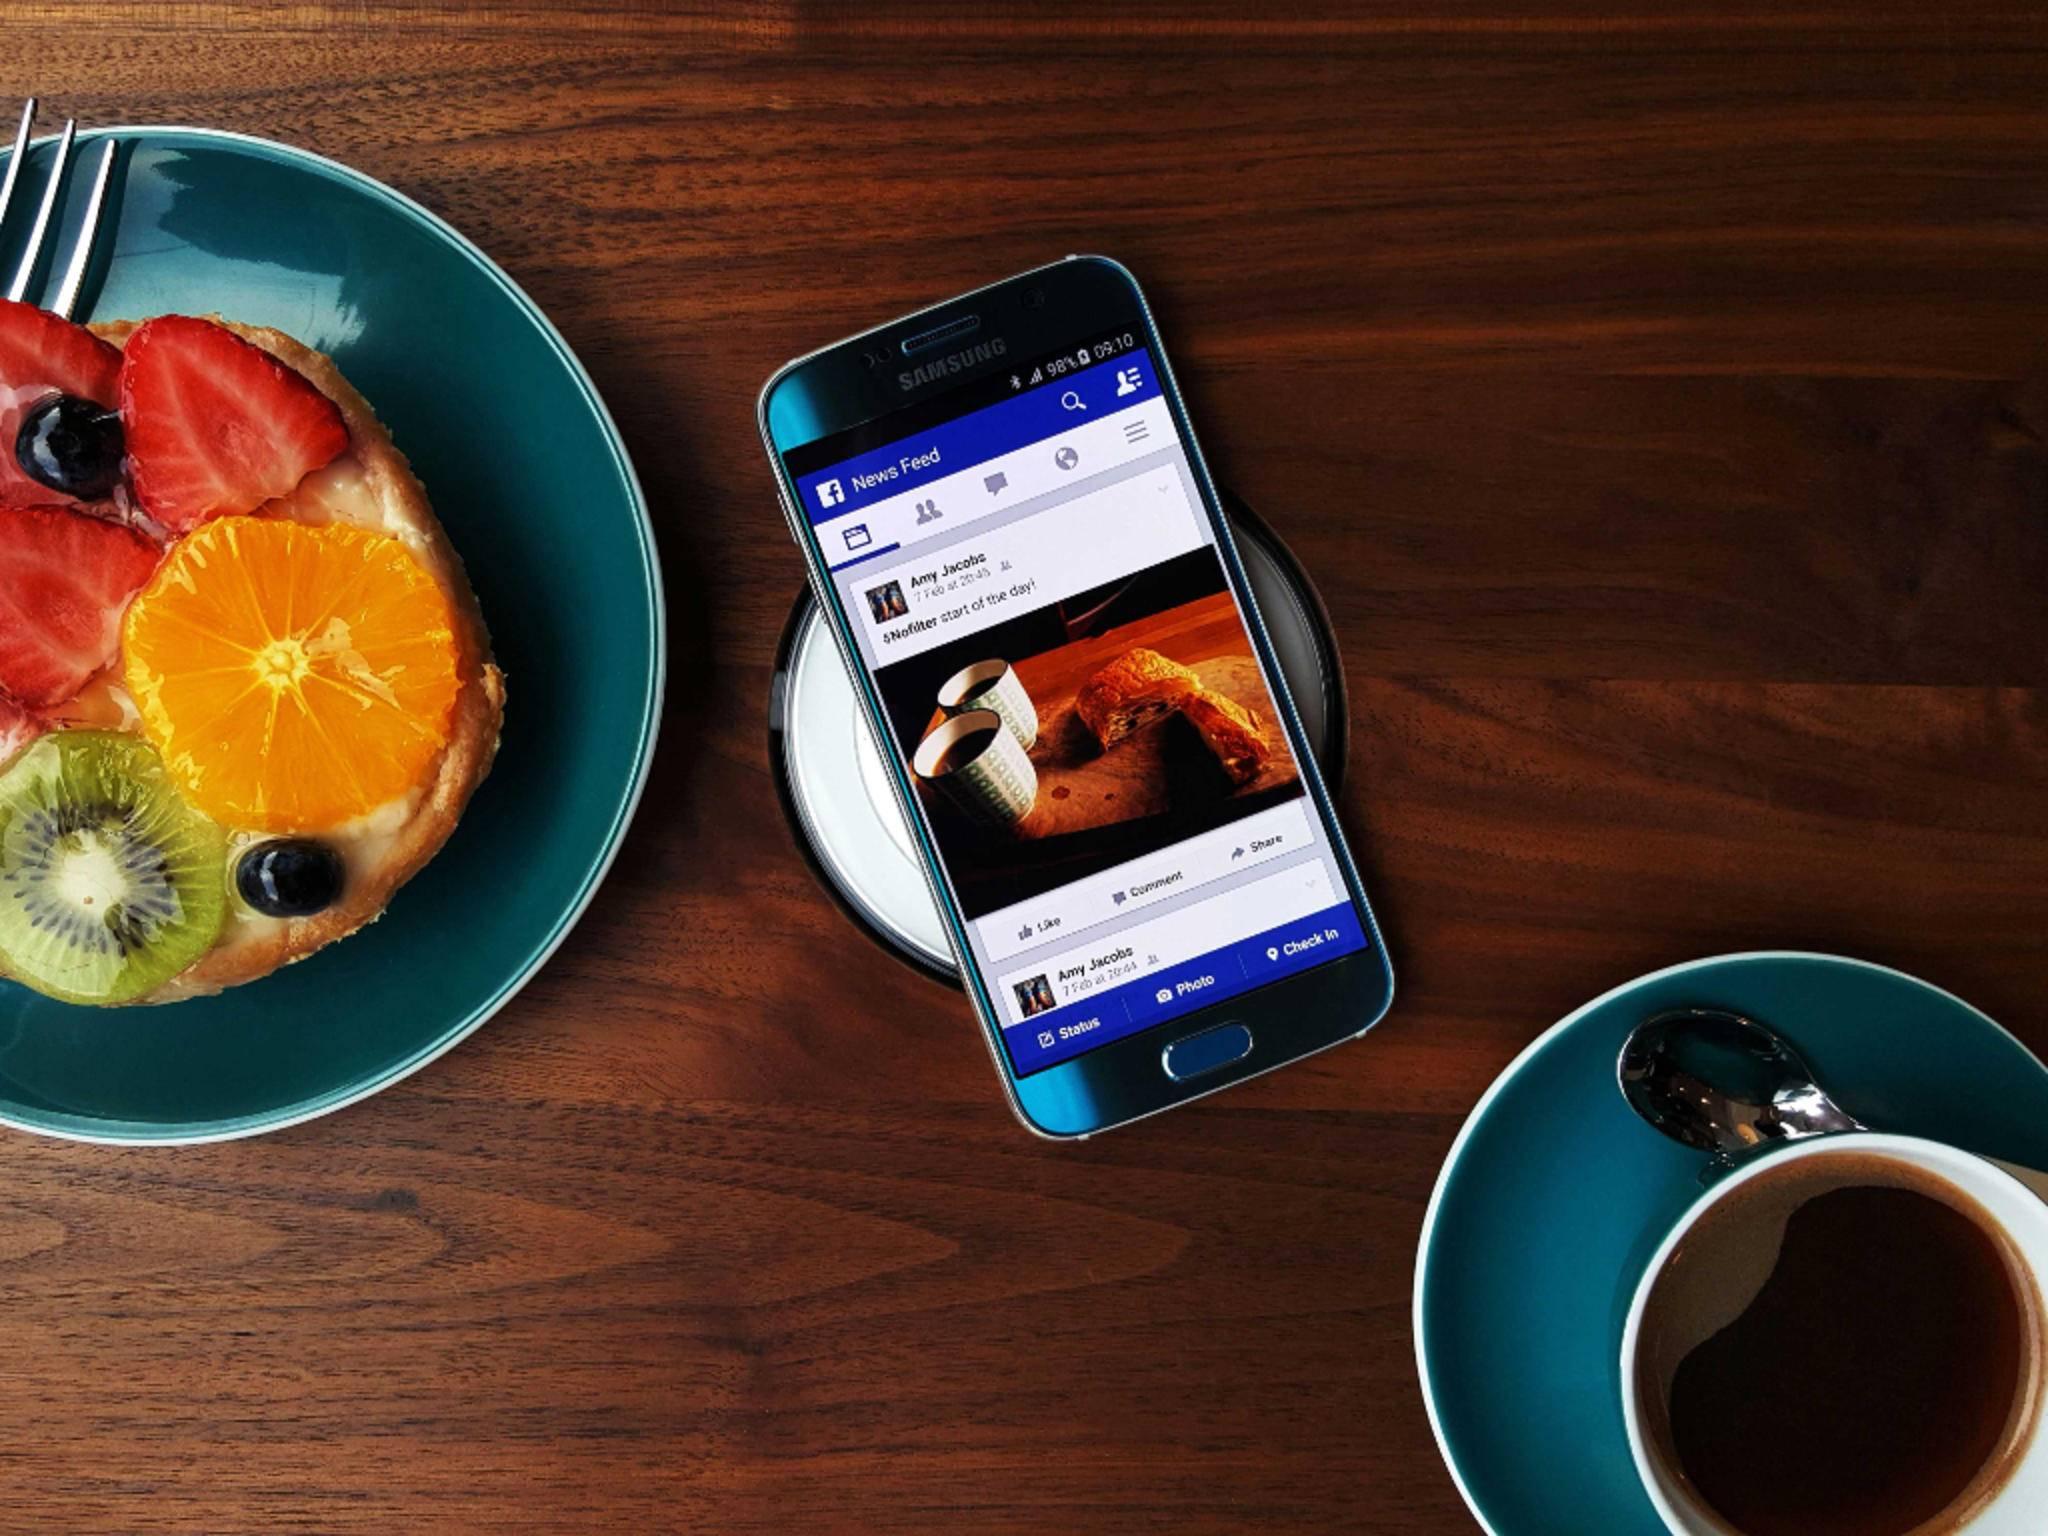 Für einen Akkutausch muss das Samsung Galaxy S6 eingeschickt werden.